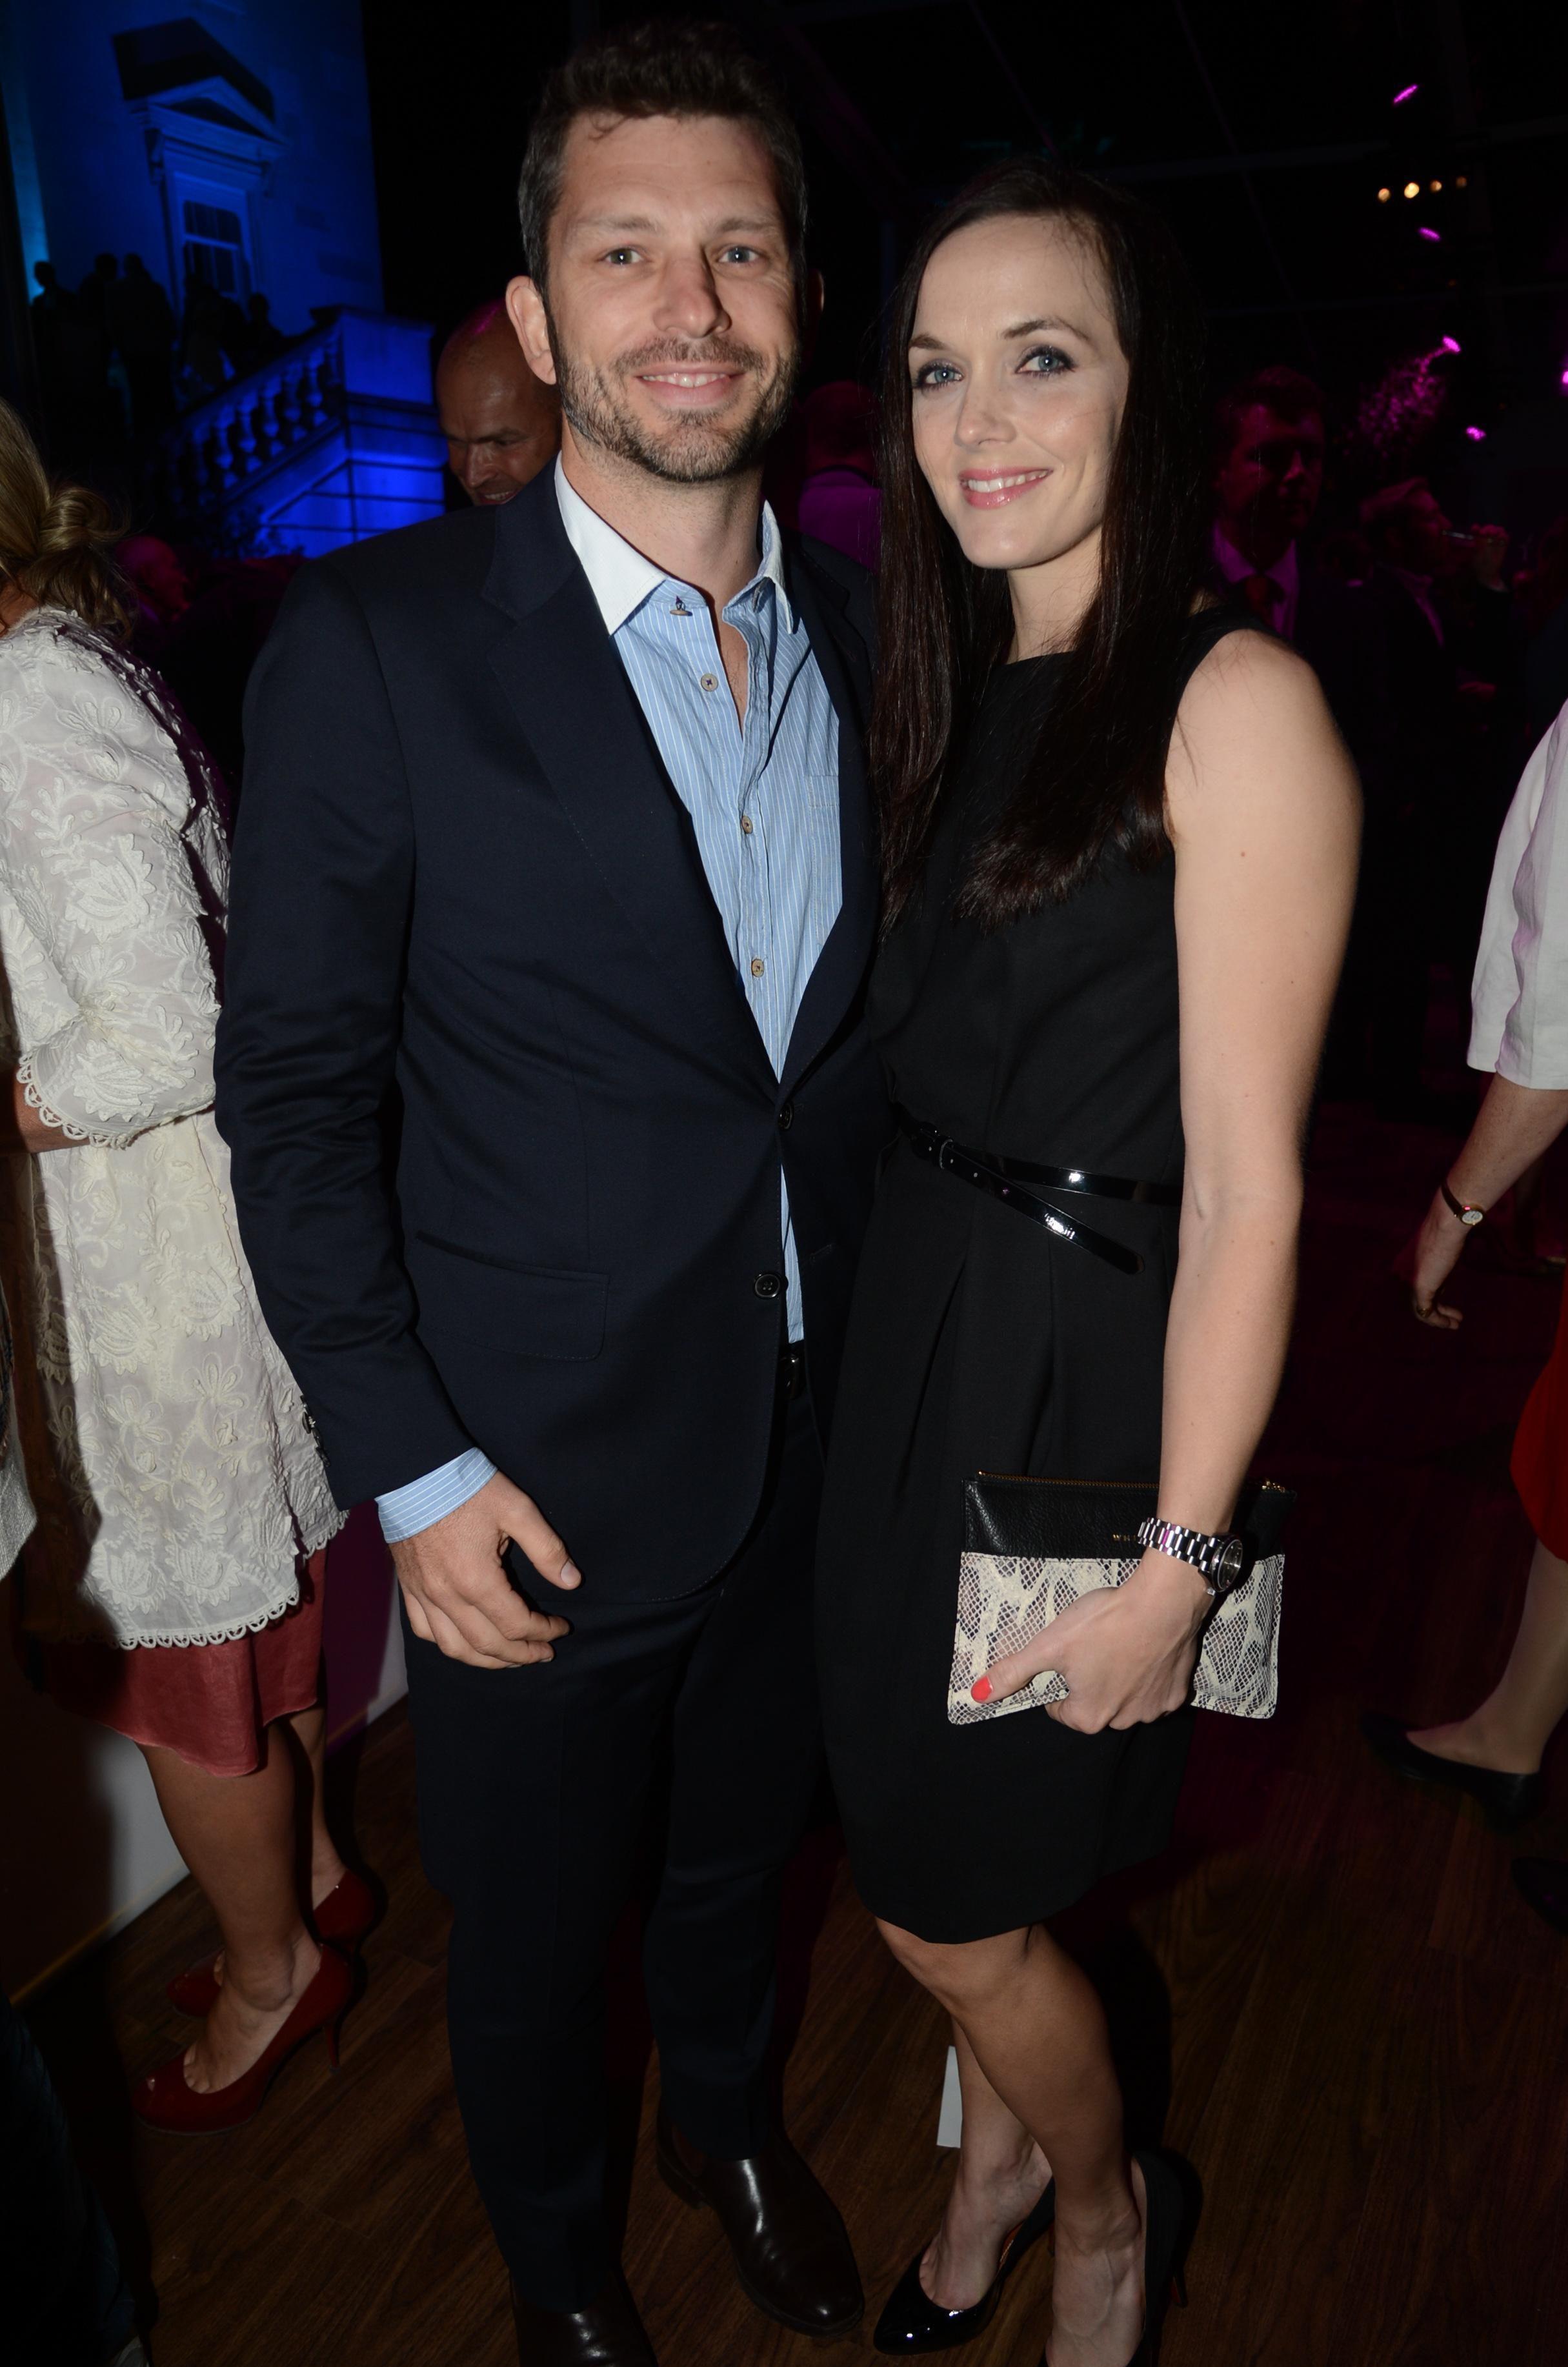 Victoria with her former husband Scott Gardner